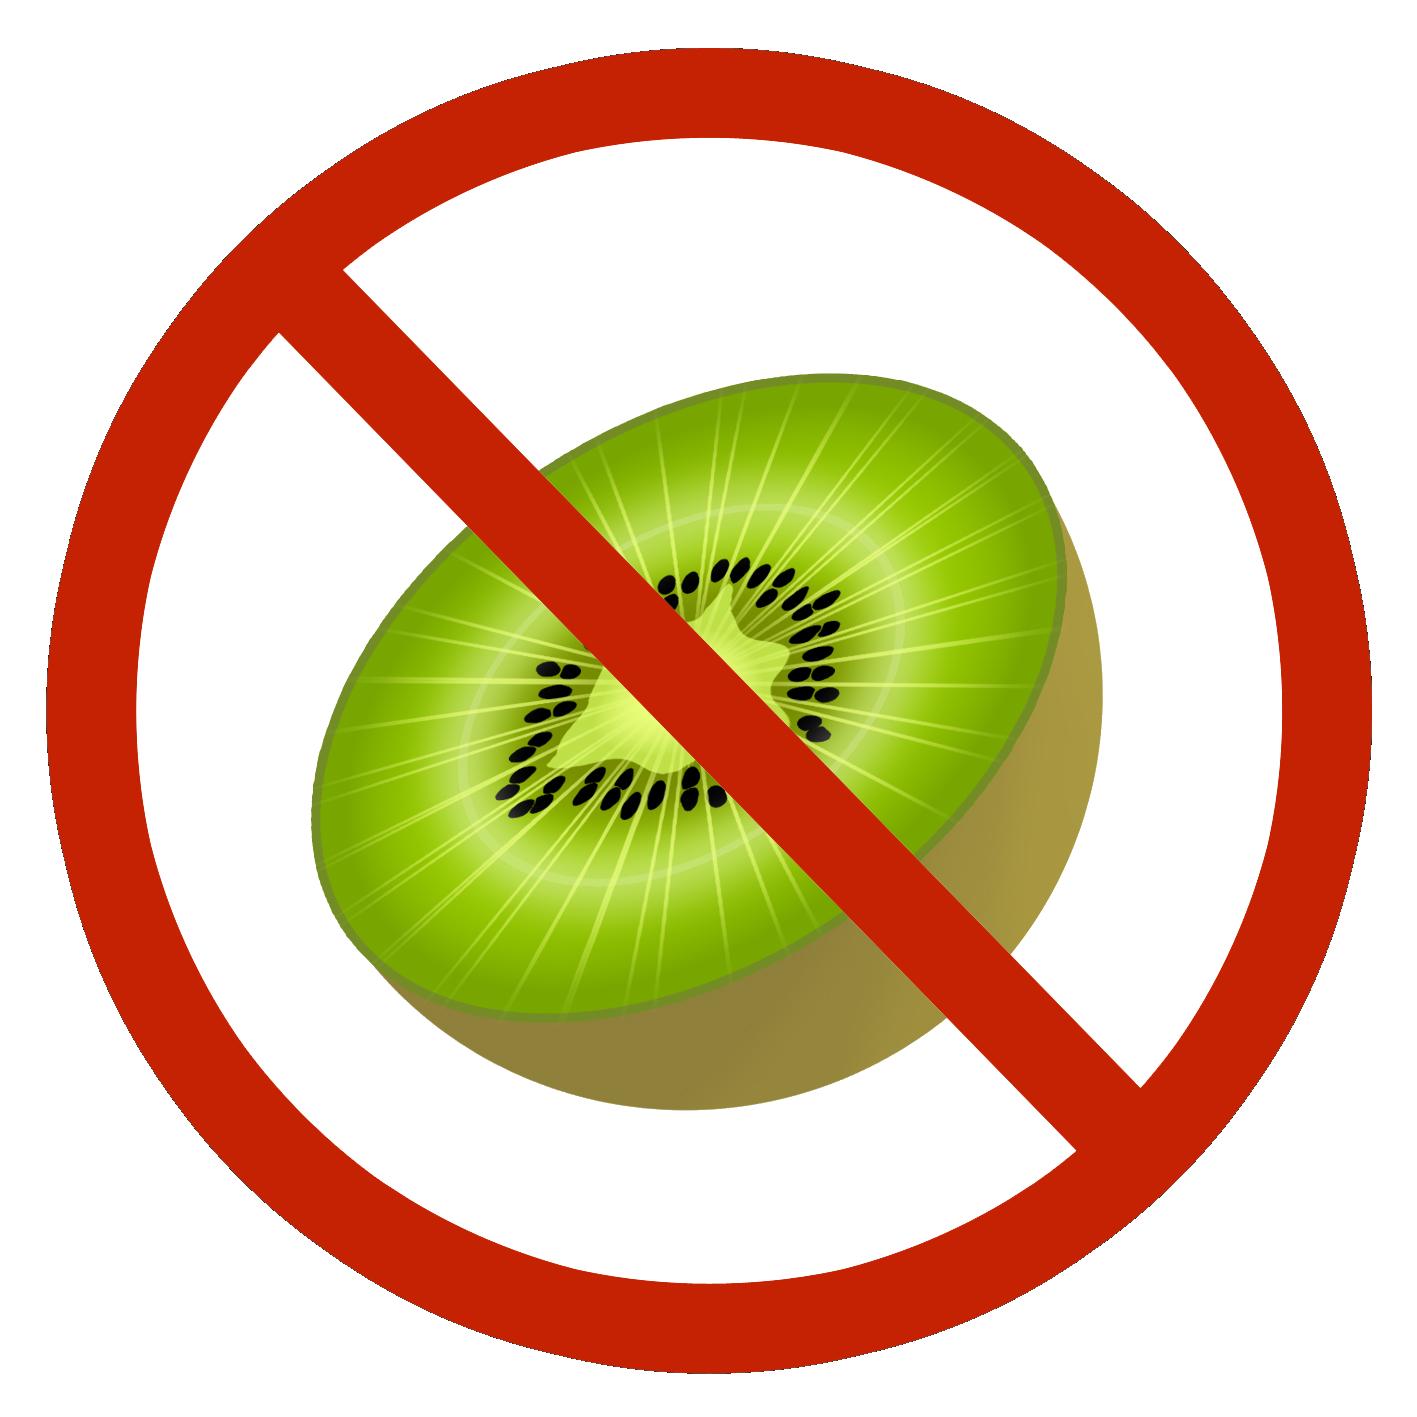 Image no png the. Kiwi clipart circle